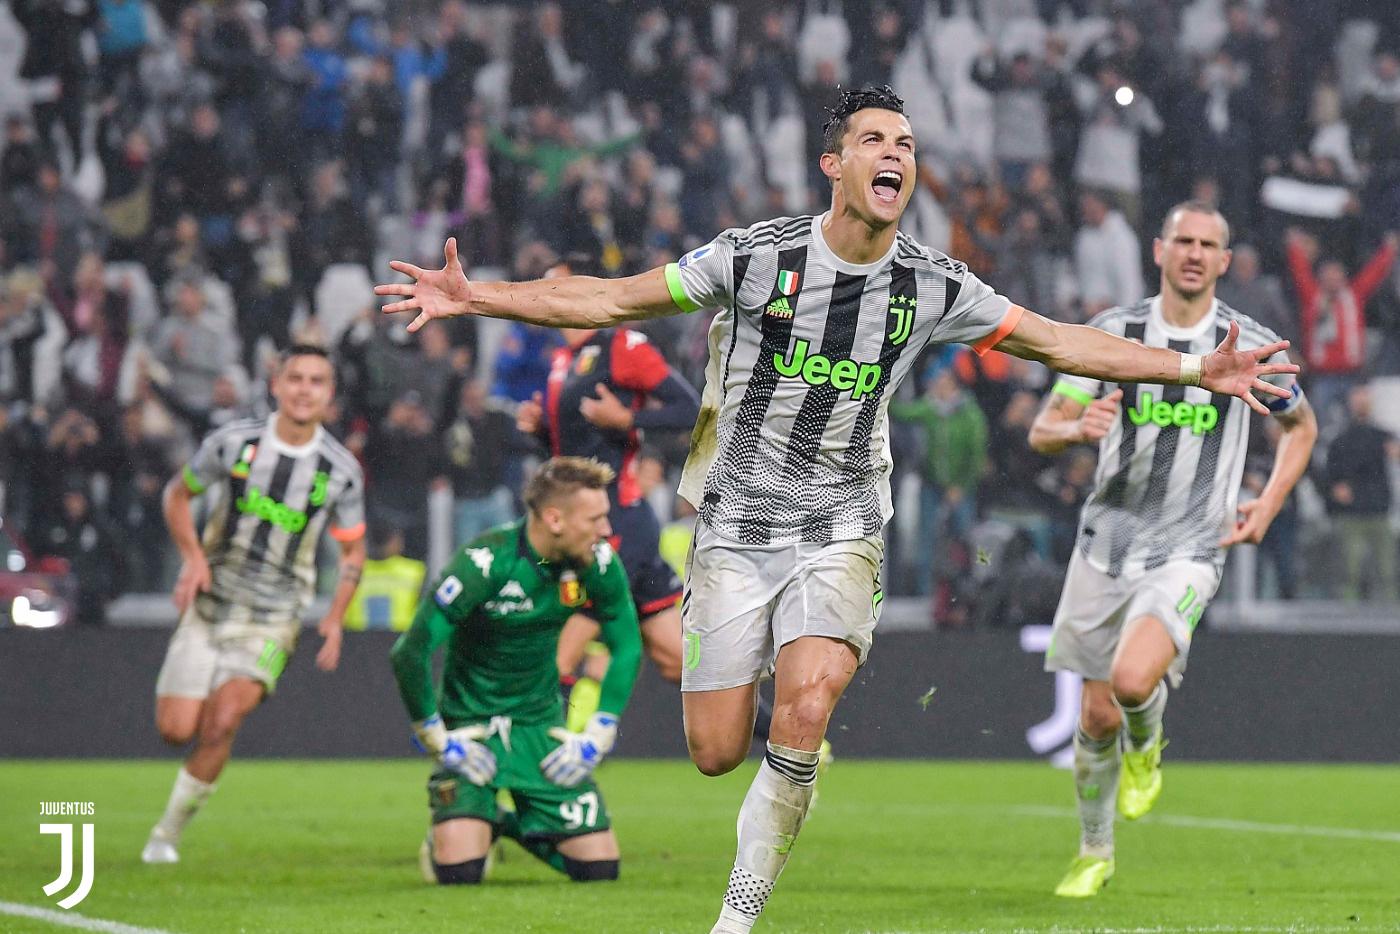 Juventus-Genoa 2-1, CR7 all'ultimo respiro